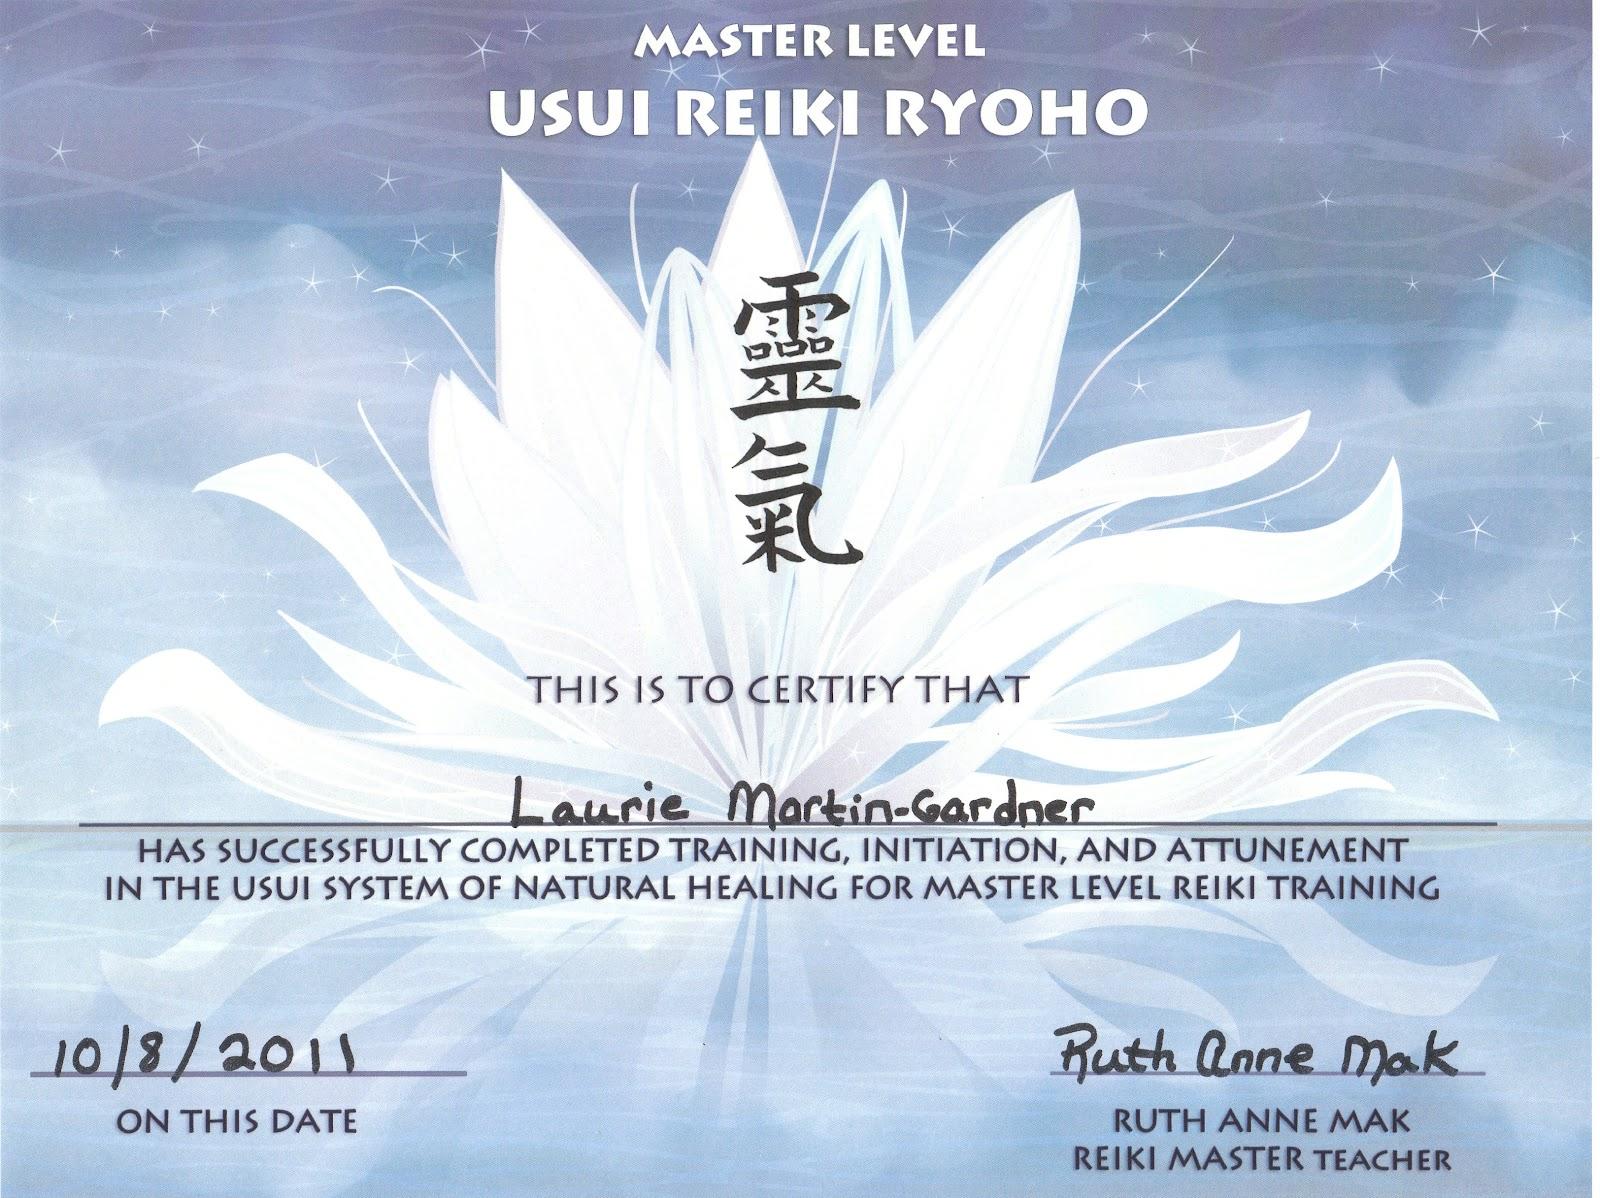 Reiki master calgary reiki master class reiki master certificate template yadclub Gallery